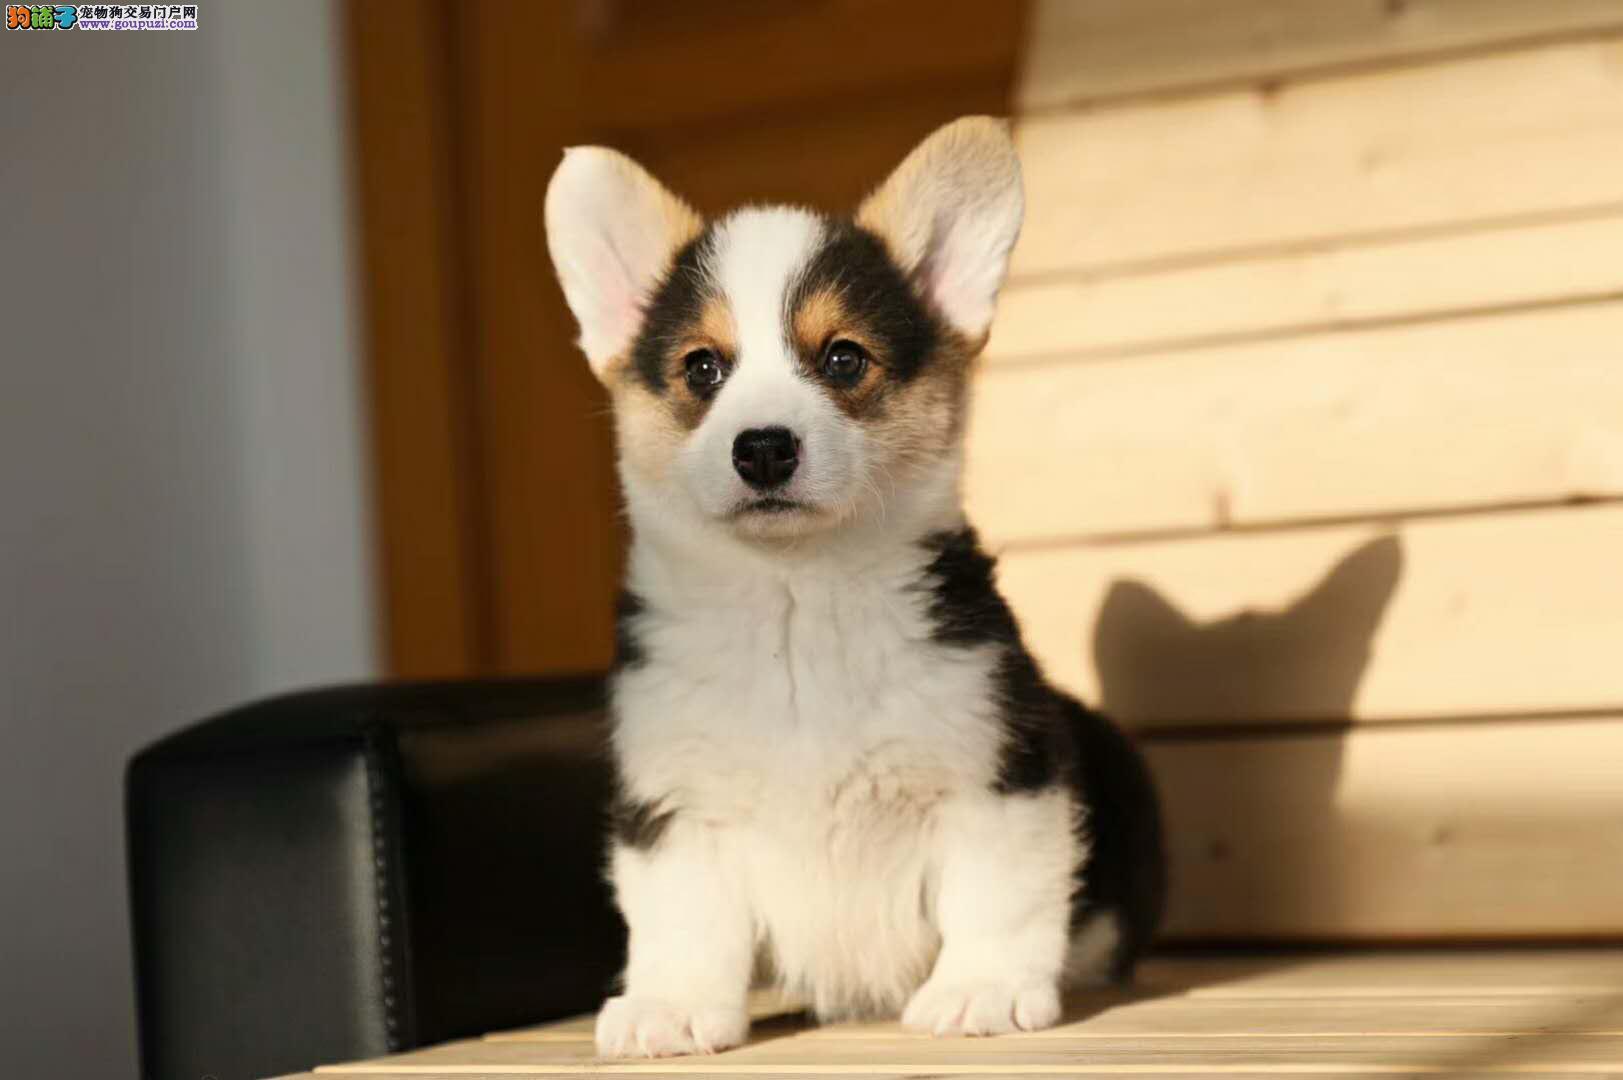 柯基幼犬出售 专业繁殖十年养殖经验 包售后